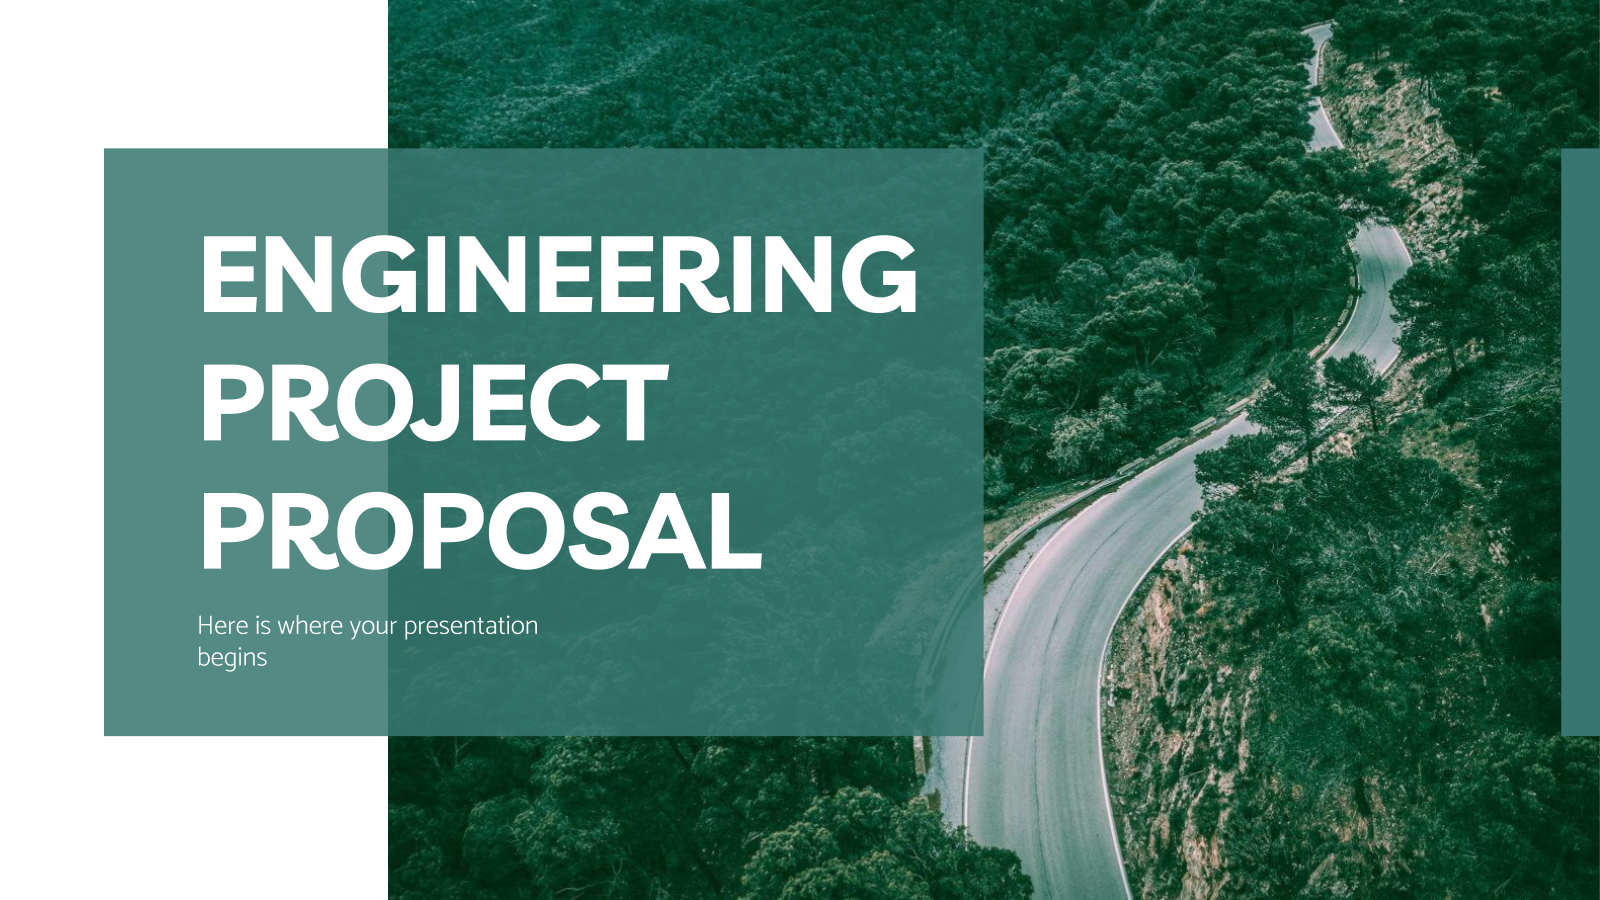 Proposition de projet d'ingénierie : Modèles de présentation